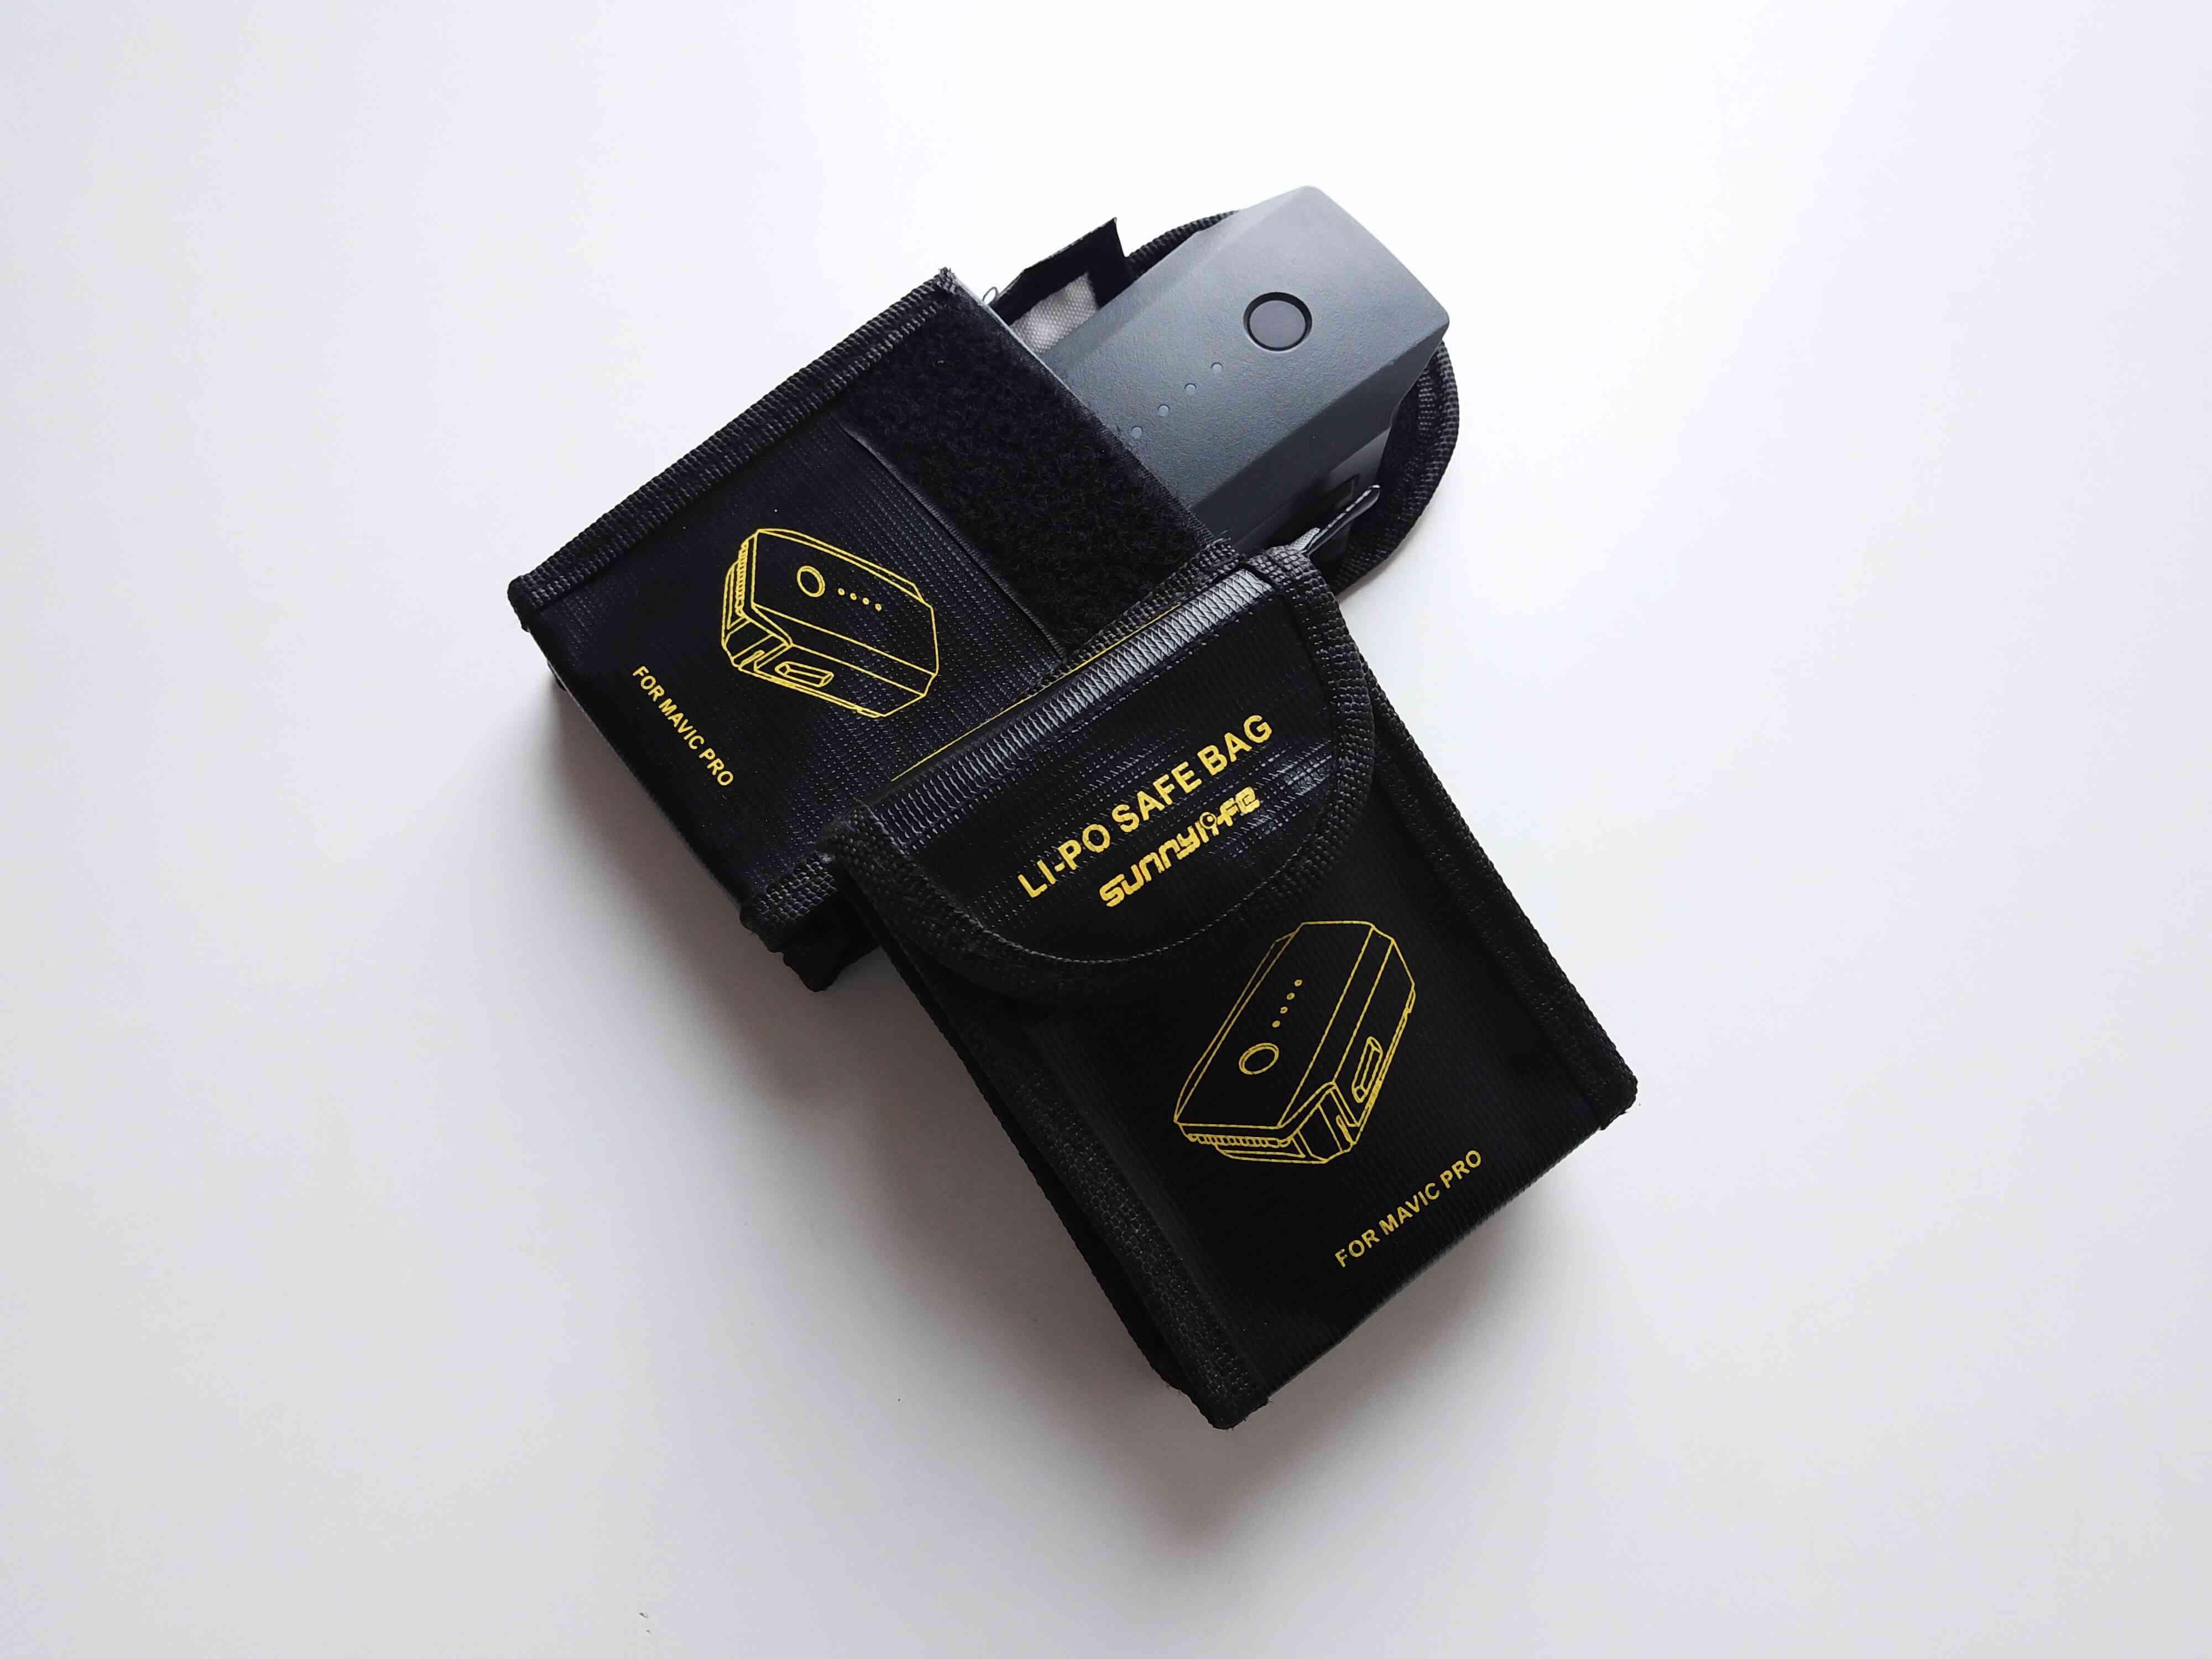 baterie dronu a ochranné taštičky na baterie